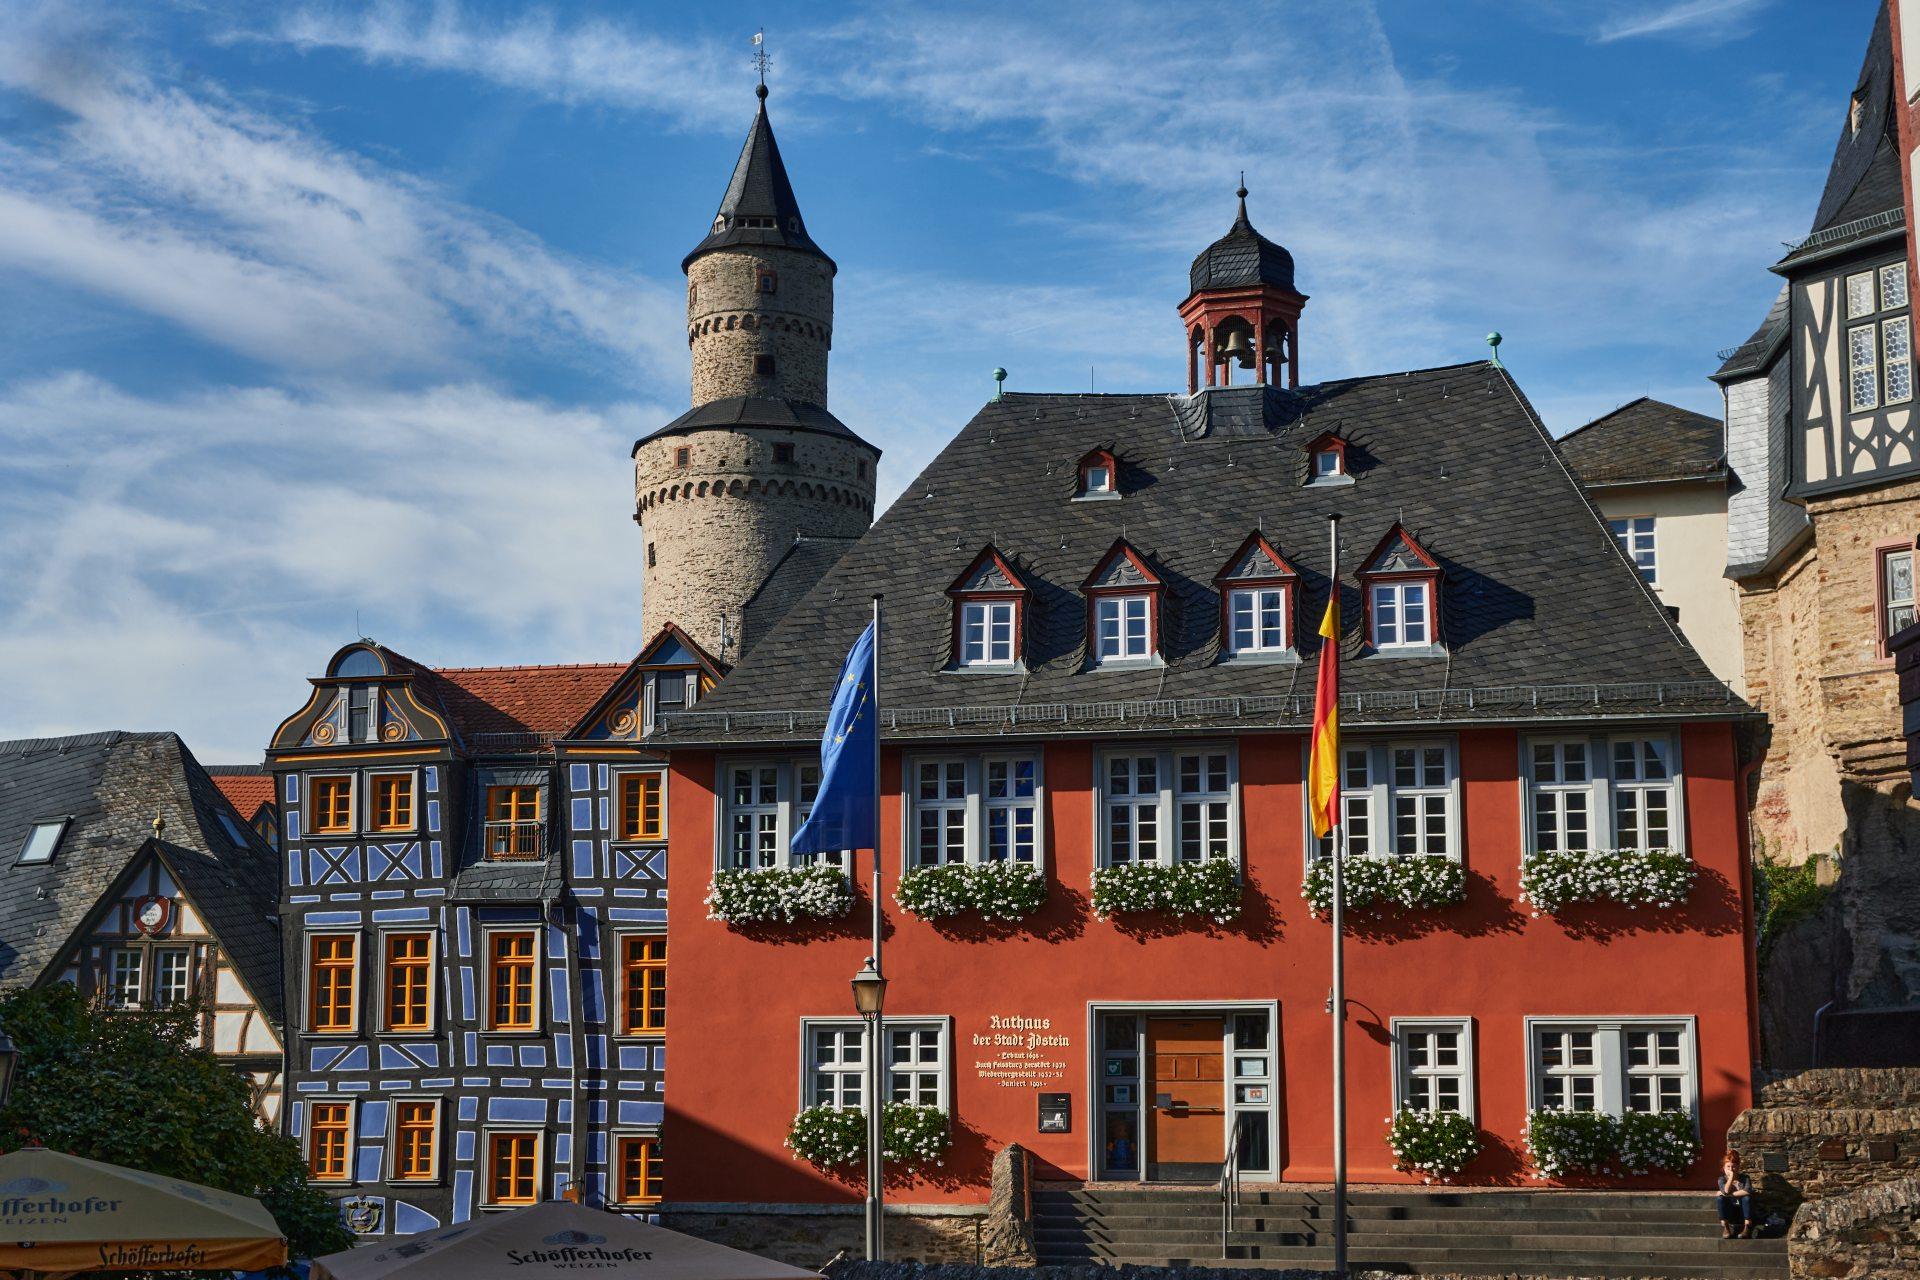 Idstein — links in blau das schiefe Haus von 1727, im Zentrum das Rathaus von 1698c, im Hintergrund der Hexentum — der Bergfried der alten Burg